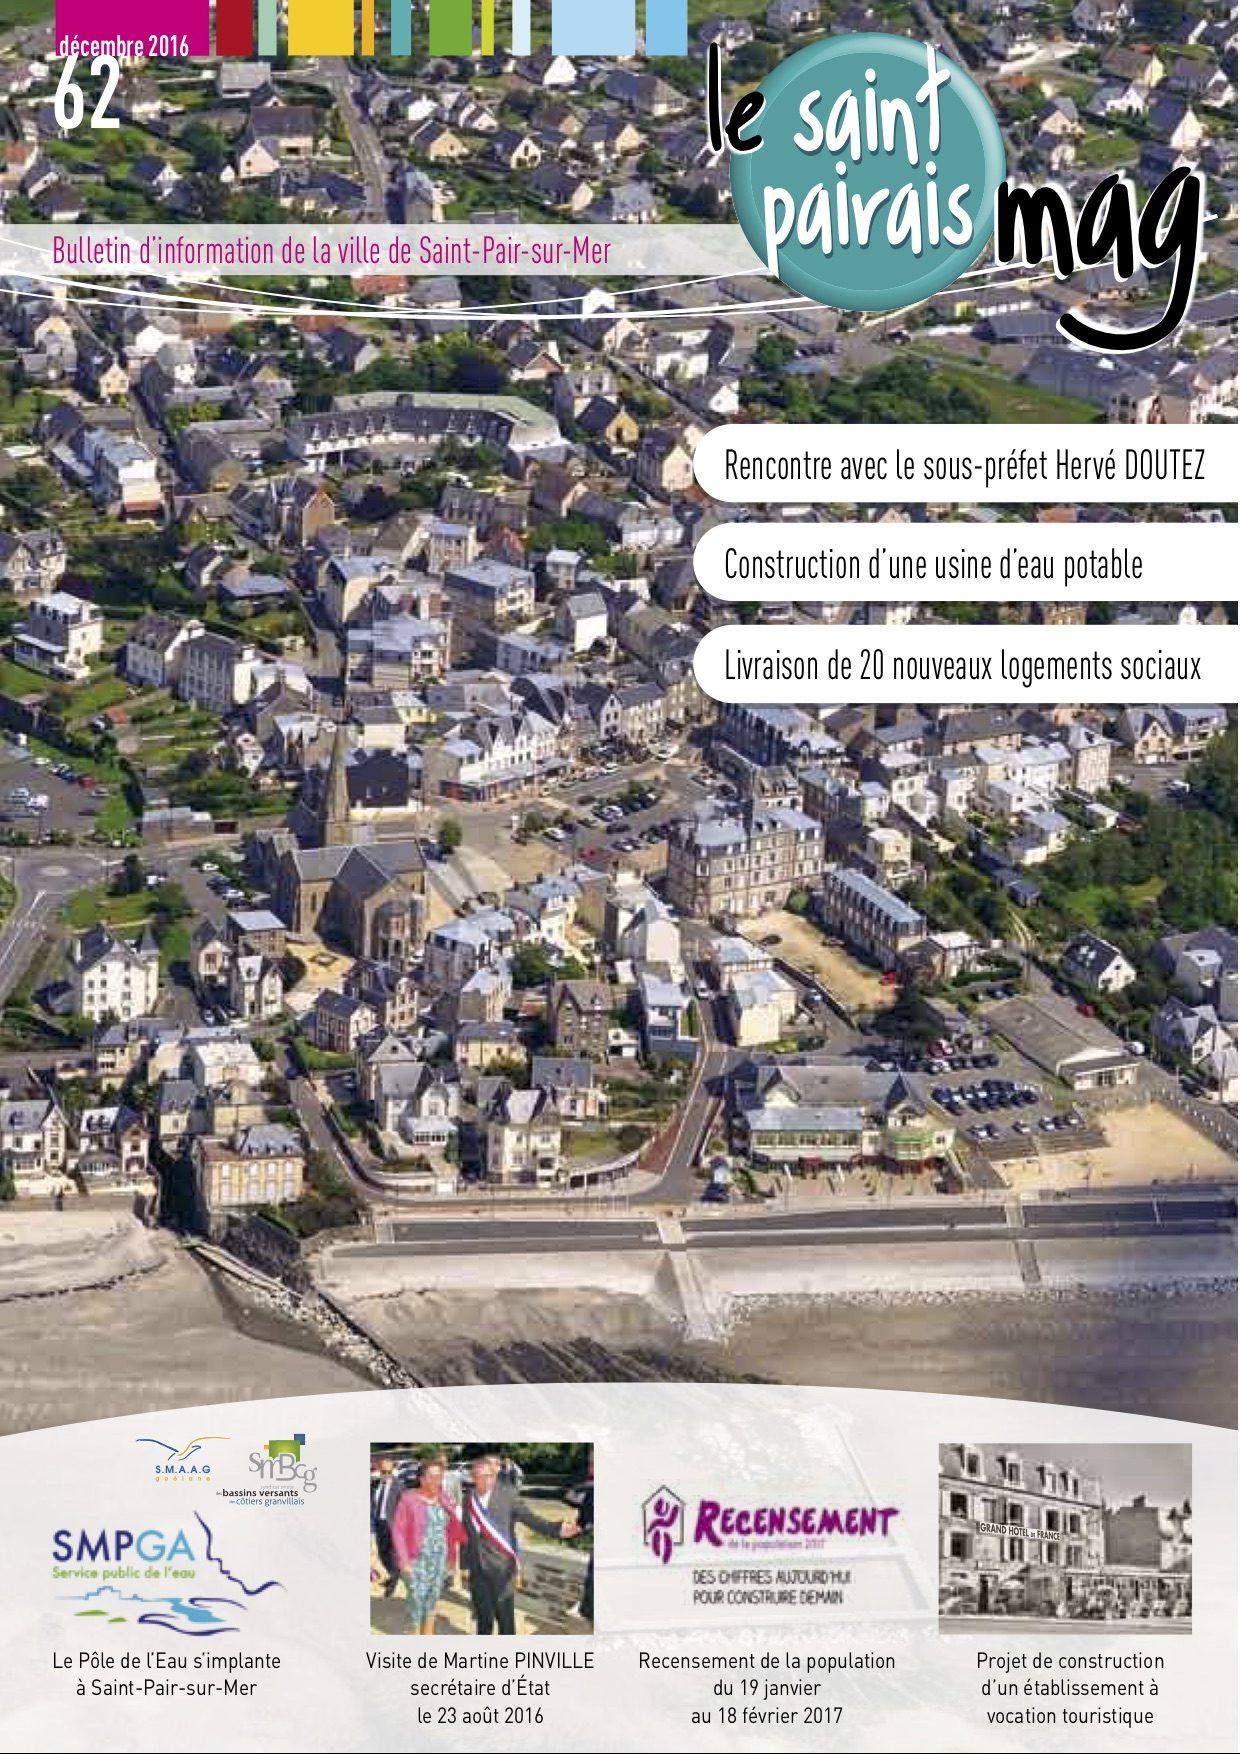 Saint Pairais Mag n°62